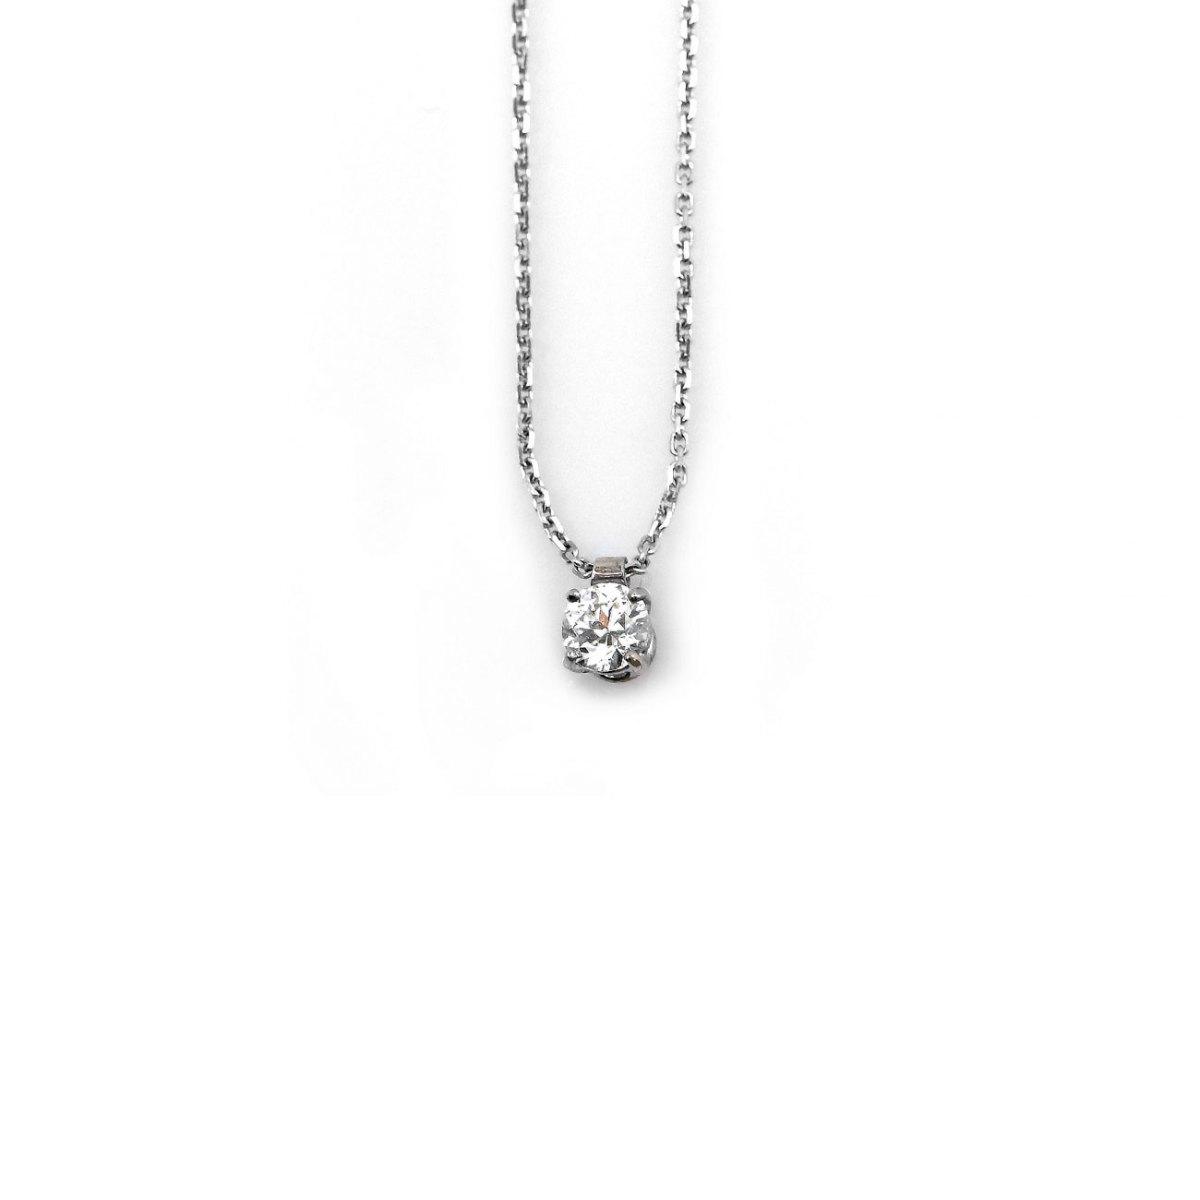 Pendentif Diamant Solitaire 0,40 ct taille Brillant sur chaîne Or blanc 750 ‰ | Réf. PE+CH-A538 |EVENOR Joaillerie • Bijoux neuf, bijoux Vintage, bijoux d'occasion